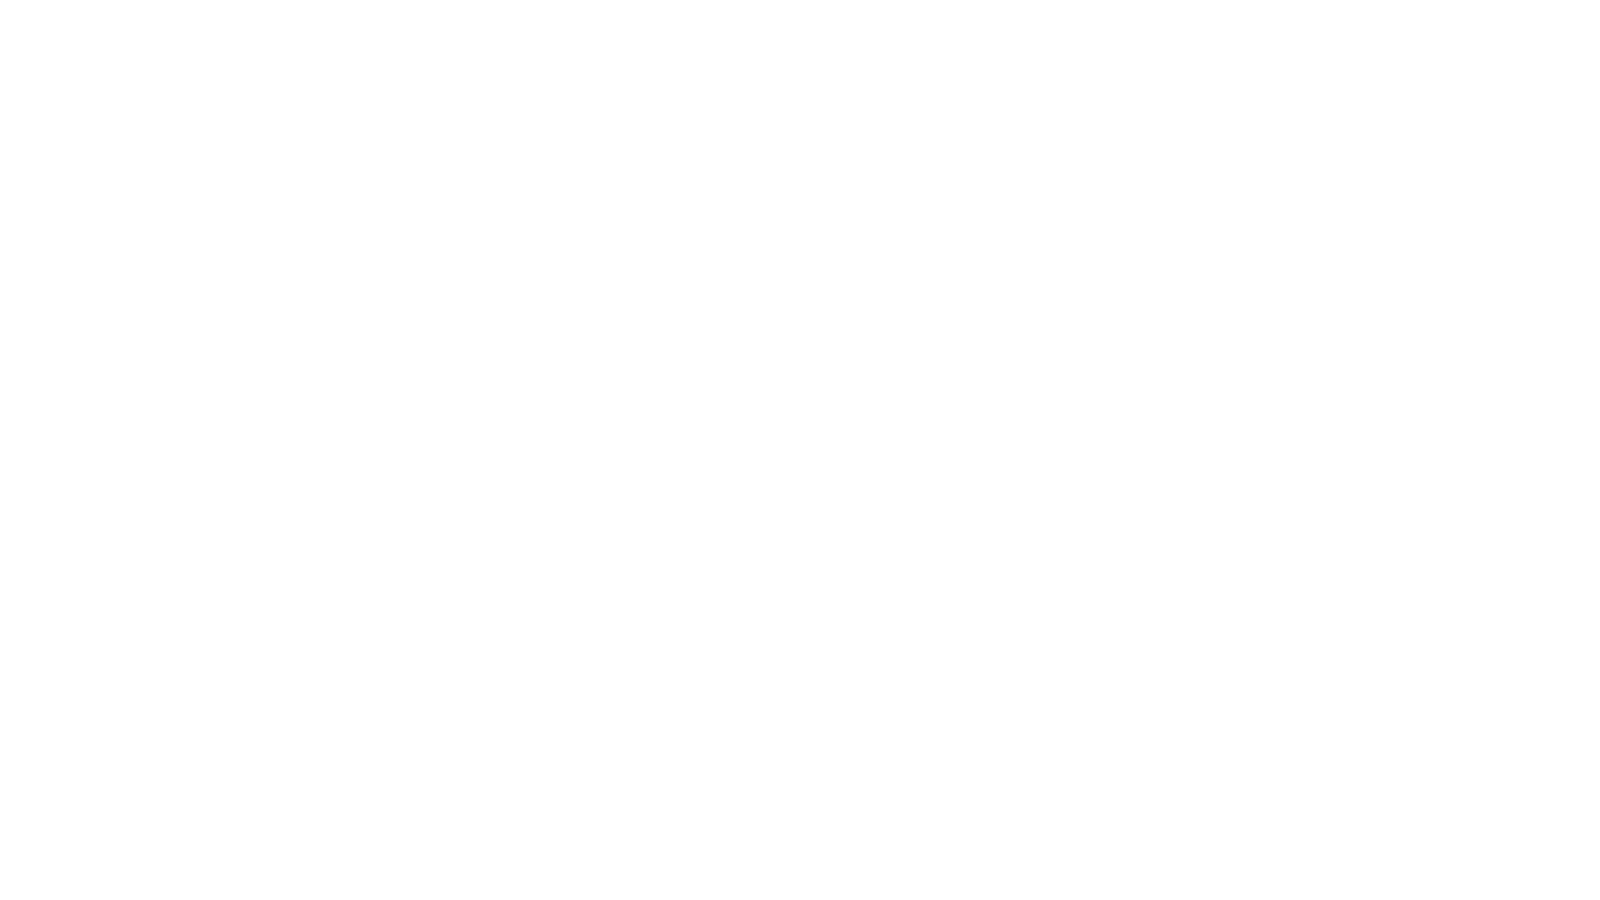 """""""Нумизамтическая мелодия"""" в исполнении ансамбля Alta Capella  в интерьерах выставки «От талера до доллара: эпоха серебра»  (Музей МНК, май 2021) Лилия Гайсина (сопрано) Марина Белова (лютня, барочная гитара) Александр Горбунов (виола да браччо, фидл) Андриан Принцев (сакбут)  ____________________________________    Alta Capella playing Numismatic Melody in the interiors of the exhibition """"From thaler to dollar: the Age of Silver"""" (The International Numismatic Club Museum, May 2021) Liliya Gaysina (soprano) Marina Belova (lute, baroque guitar) Alexander Gorbunov (viola da braccio, fiddle) Andrian Printsev (sackbut) _____________________________________ Дж. Замбони (1664? – 1721?). Прелюдия из «Сонаты новой жизни» Б. Тромбончино (ок. 1470 – 1535). Фроттола «Ostinato vo' seguire» Дж. Дауленд (ок. 1563 – 1626). «Flow my tears» Генрих VIII Тюдор (1491–1547). «Pastime with good company» «My Lady Carey's Dompe» (ок. 1520) Д. Ортис (ок. 1510 – ок. 1570). Recercada segunda Ghaetta (Кодекс Ло, XIV в.) Б. Тромбончино (ок. 1470 – 1535). Фроттола «Per dolor mi bagno il viso» Баллата «Los set Goths» (El Llibre Vermell de Montserrat, XIV в.) Г. де Машо (ок. 1300 – 1377). Баллада «Je ne cuit pas» Стинг (род. 1951). «Shape of my heart» (в ренессансной обработке)   G. Zamboni (1664? – 1721?). Preludio B. Tromboncino (c. 1470 – 1535). «Ostinato vo' seguire» J. Dowland (c. 1563 – 1626). «Flow my tears» Henry VIII Тudor (1491–1547). «Pastime with good company» «My Lady Carey's Dompe» (c. 1520) D. Оrtiz (c. 1510 – c. 1570). Recercada segunda Ghaetta (Codex Lo, XIV c.) B. Tromboncino (c. 1470 – 1535). «Per dolor mi bagno il viso» «Los set Goths» (El Llibre Vermell de Montserrat, XIV c.) G. de Machaut (c. 1300 – 1377). «Je ne cuit pas» Sting (род. 1951). «Shape of my heart» (in renaissance arrangement)"""